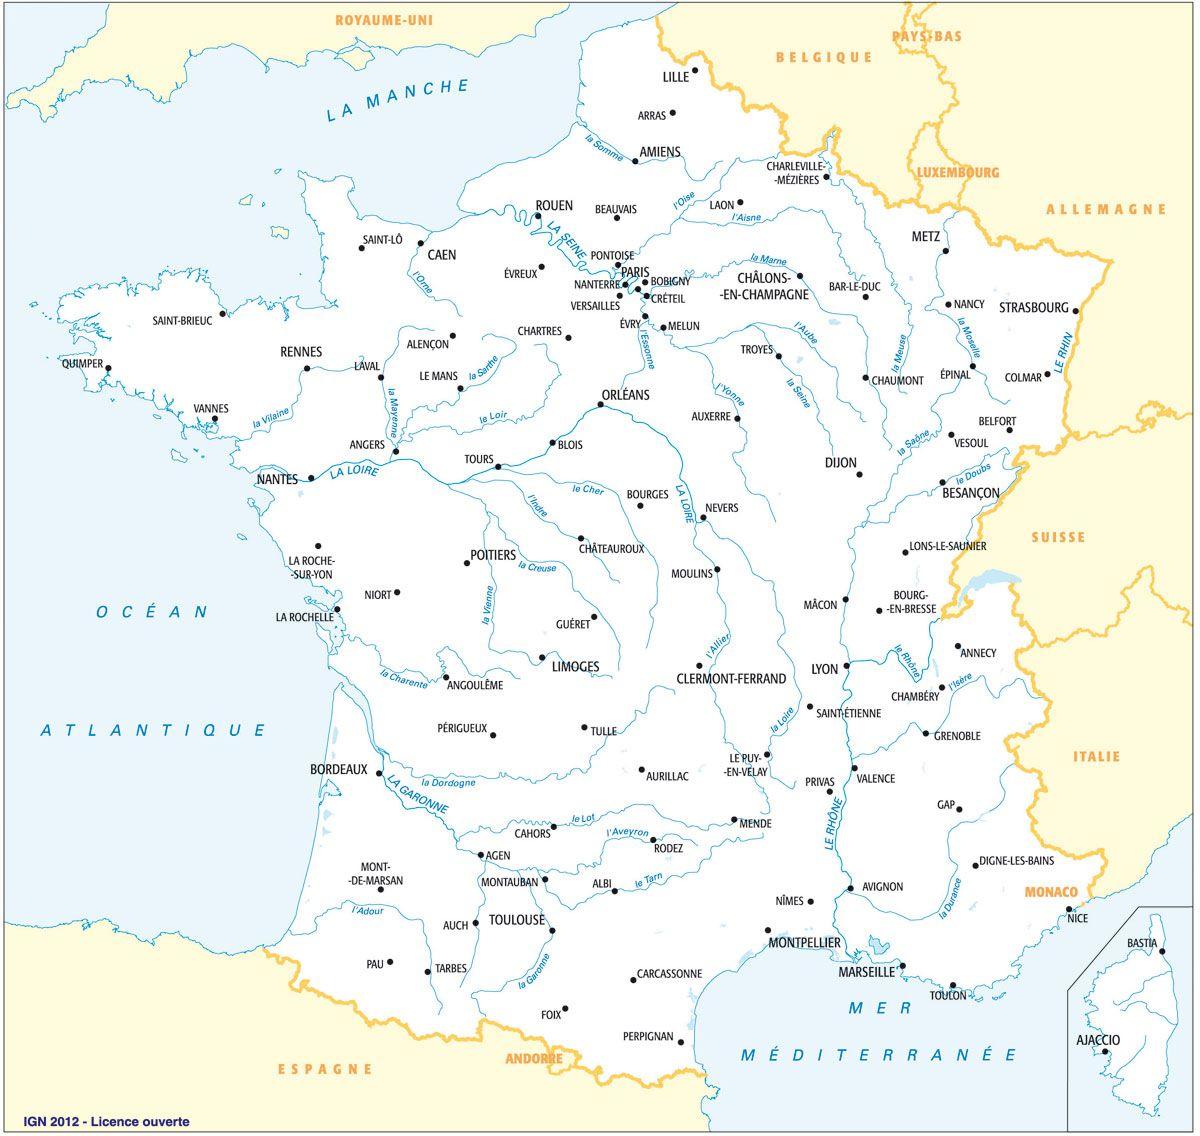 Fleuves Principaux Et Préfectures, Avec Toponymes | Carte De concernant Carte De France Avec Les Fleuves